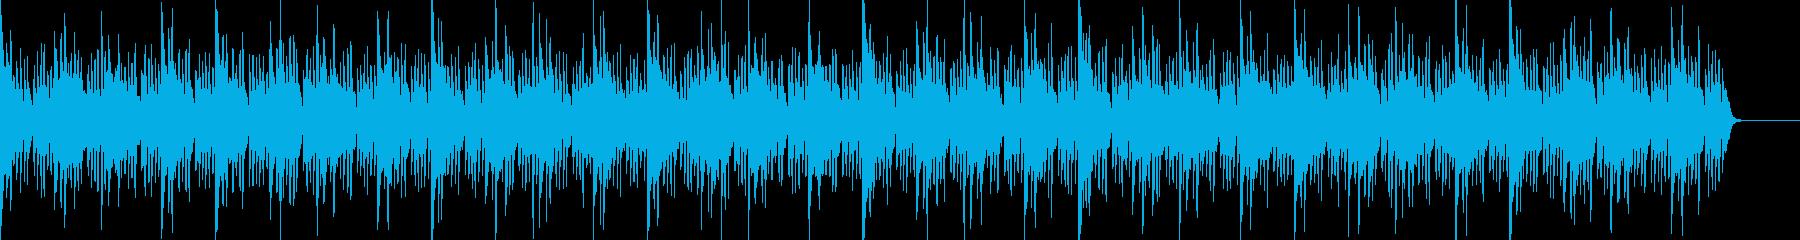 原始的なビート・ちょっと緊張感のある場面の再生済みの波形